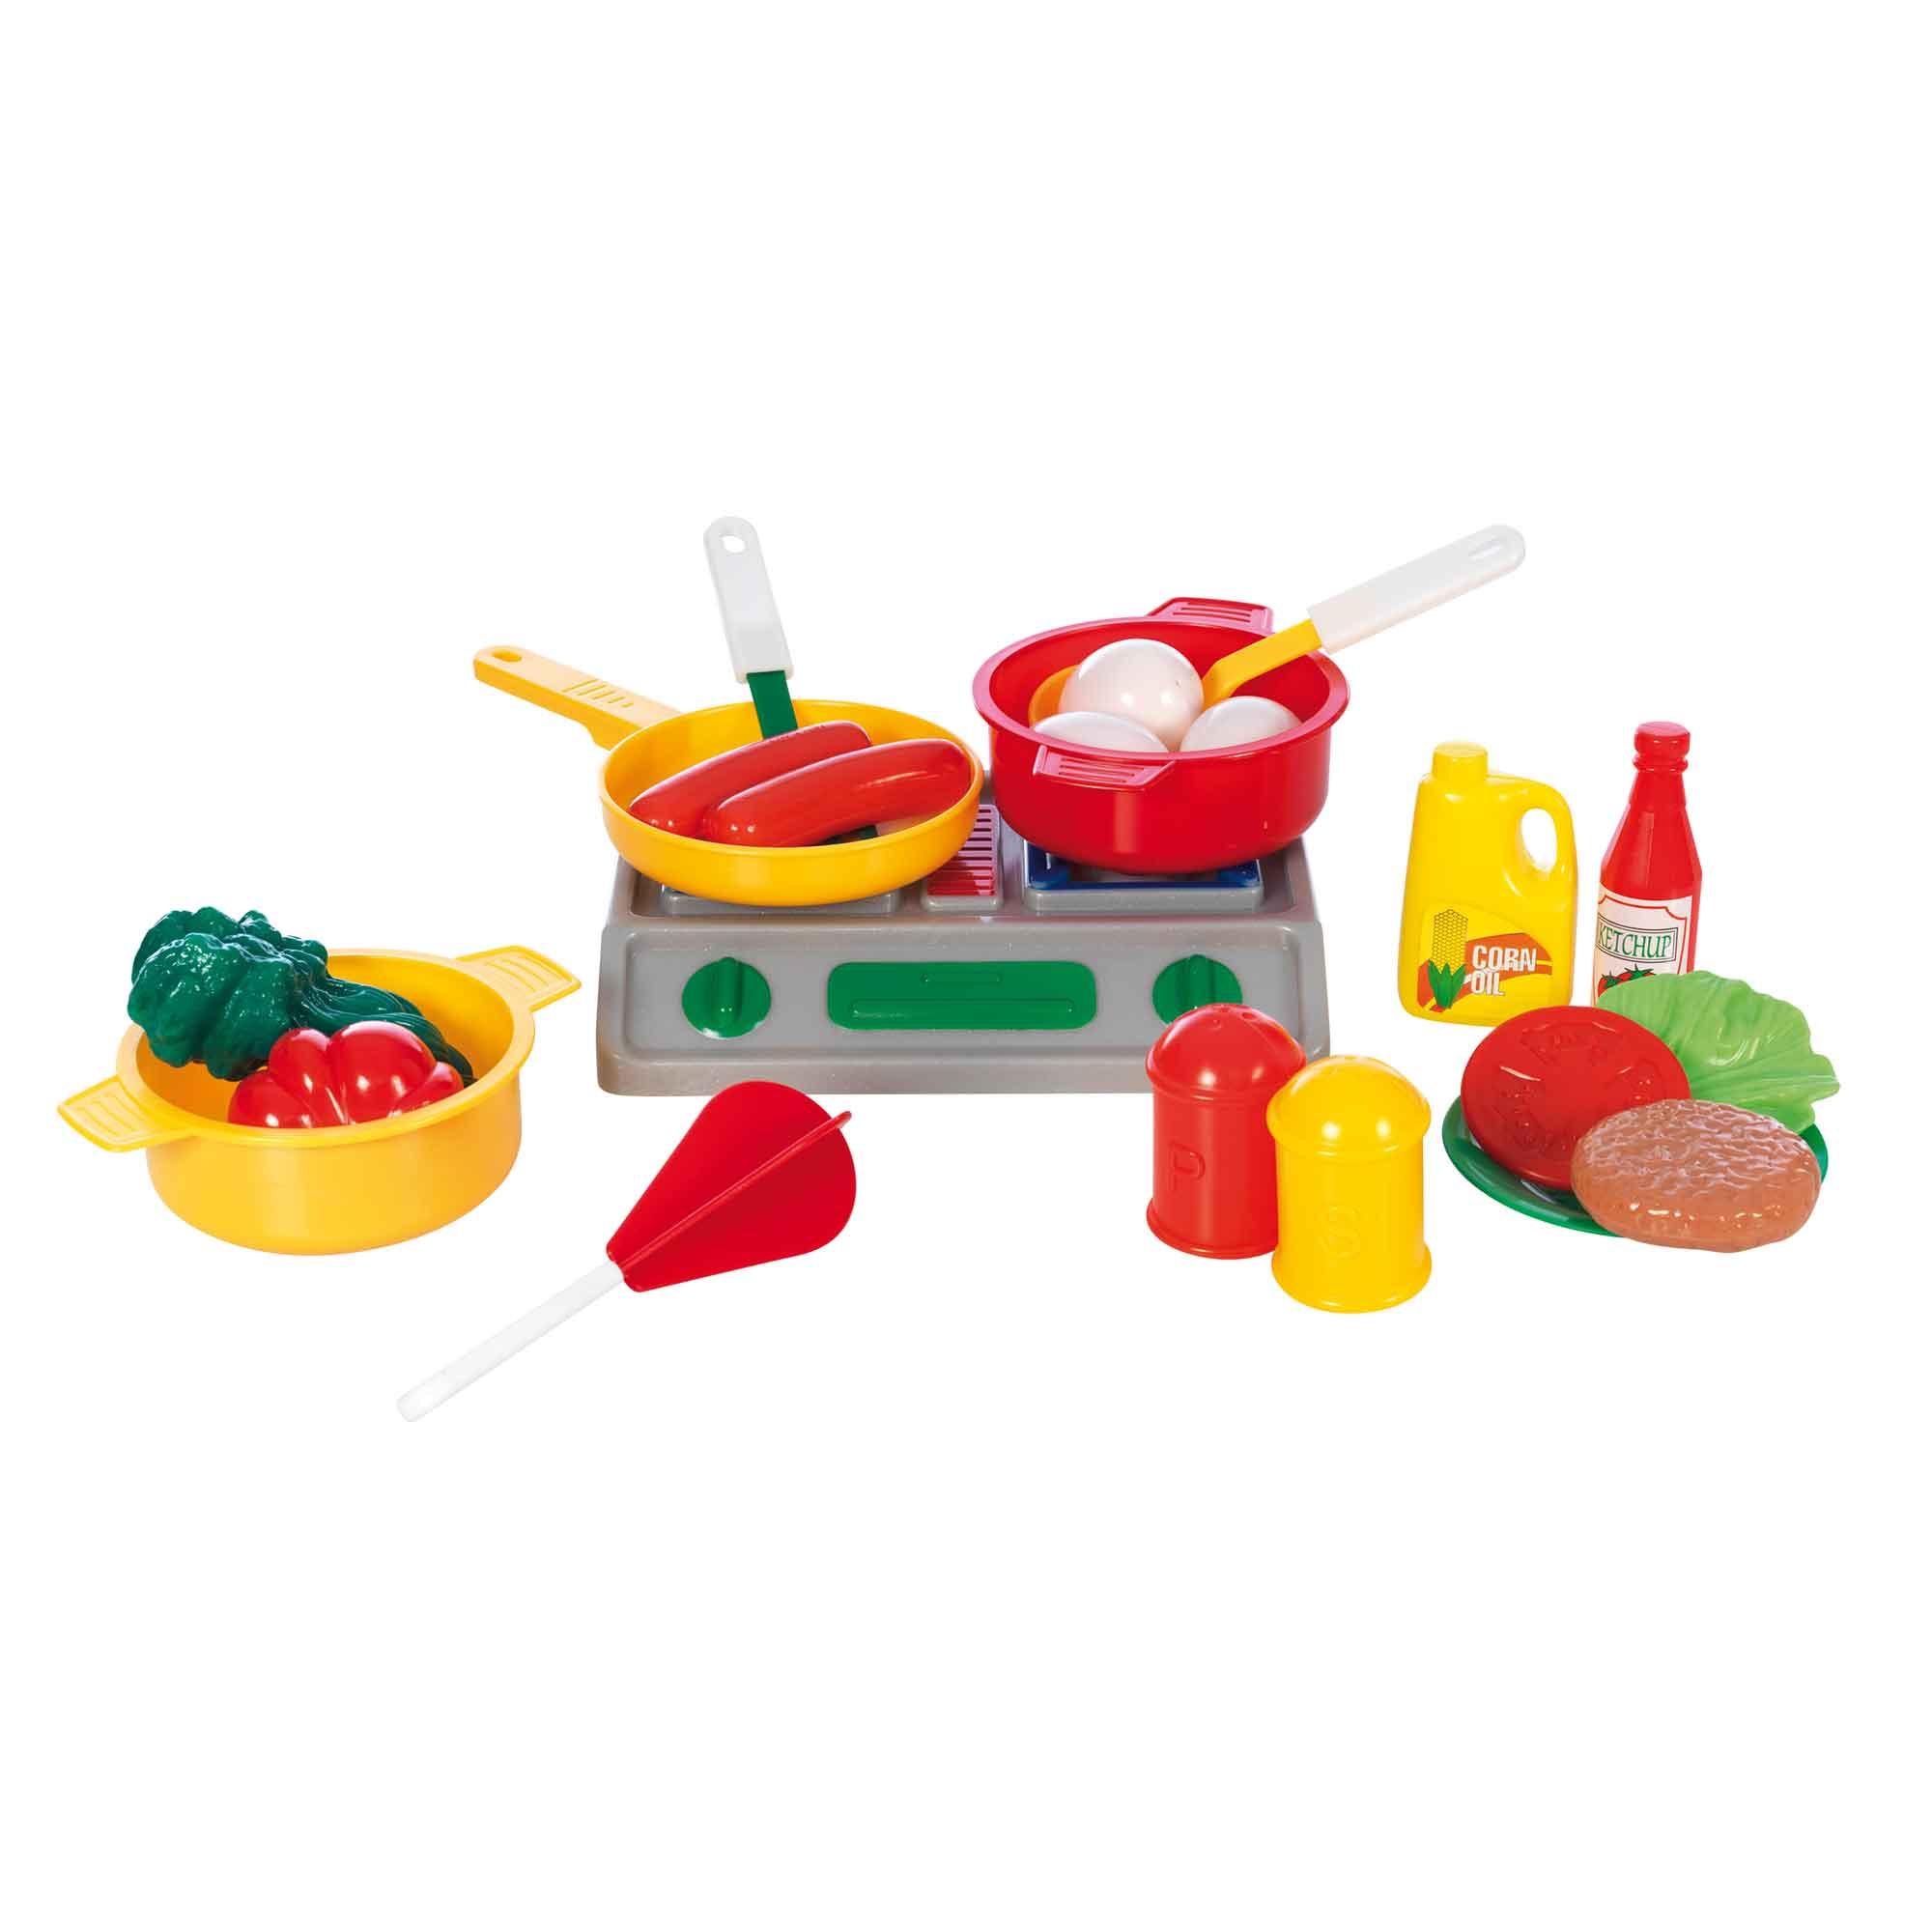 Funny home accessori cucina - FUNNY HOME